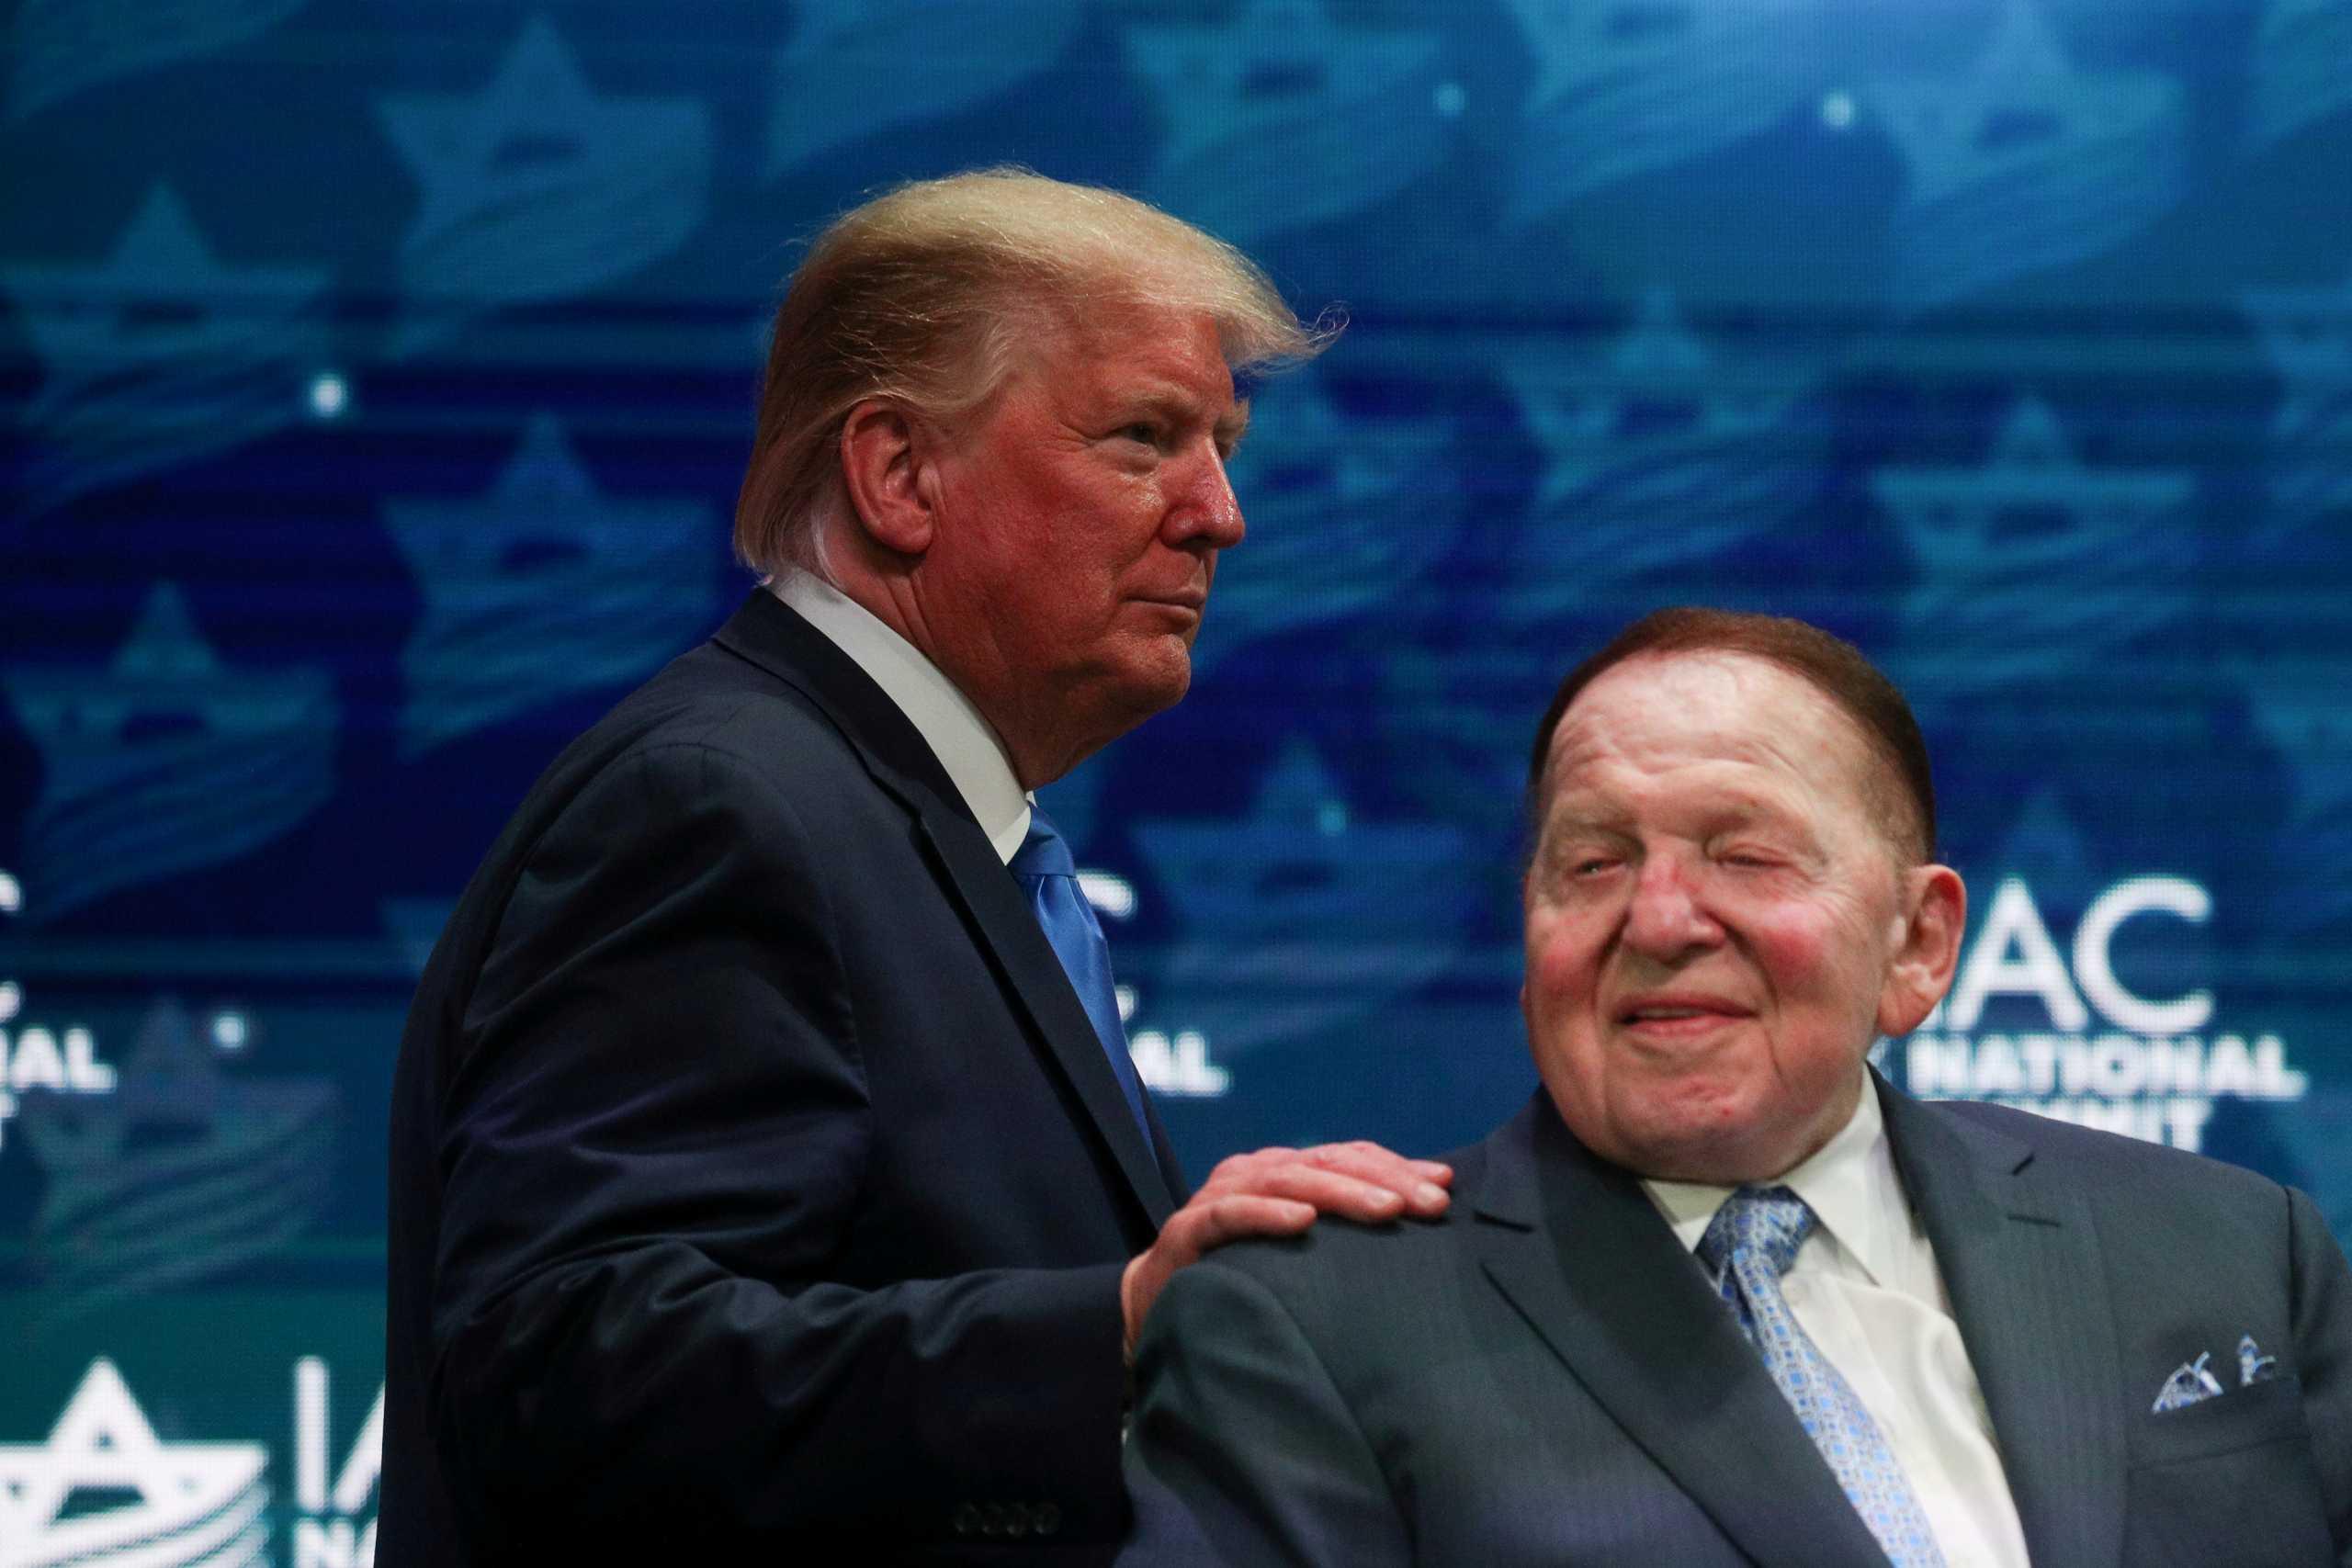 Πέθανε ο μεγαλύτερος χρηματοδότης του Ντόναλντ Τραμπ ο μεγιστάνας Sheldon  Adelson